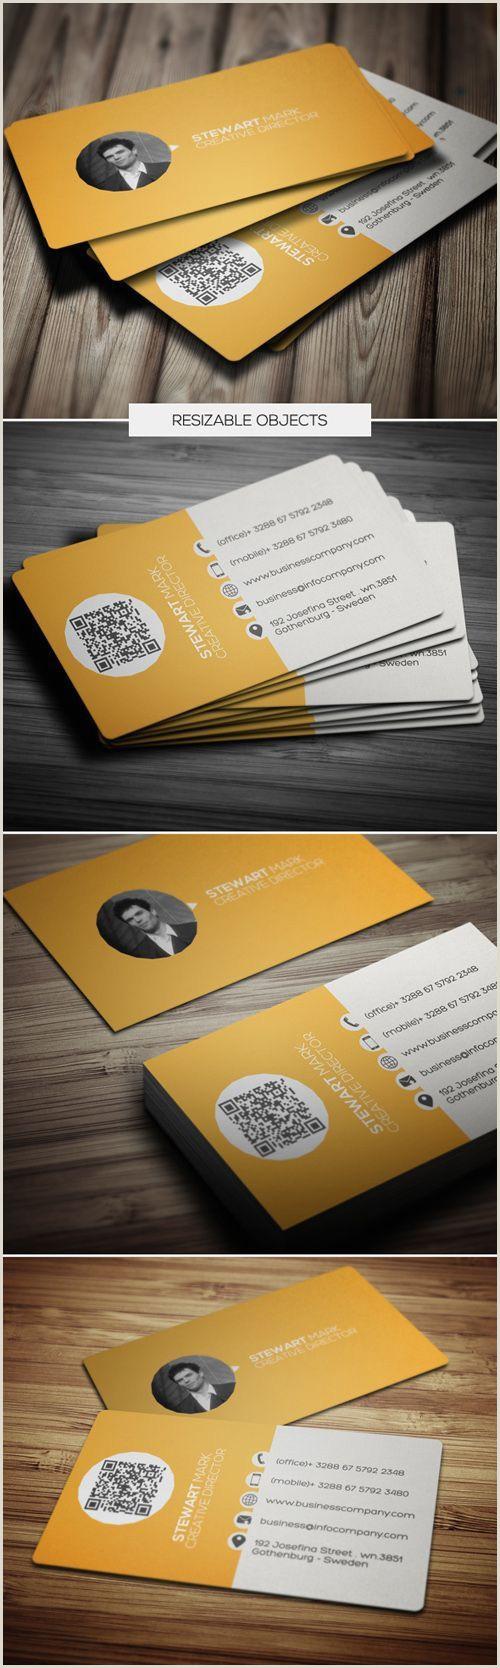 Unique Buisness Cards 60 Unique Business Card Ideas